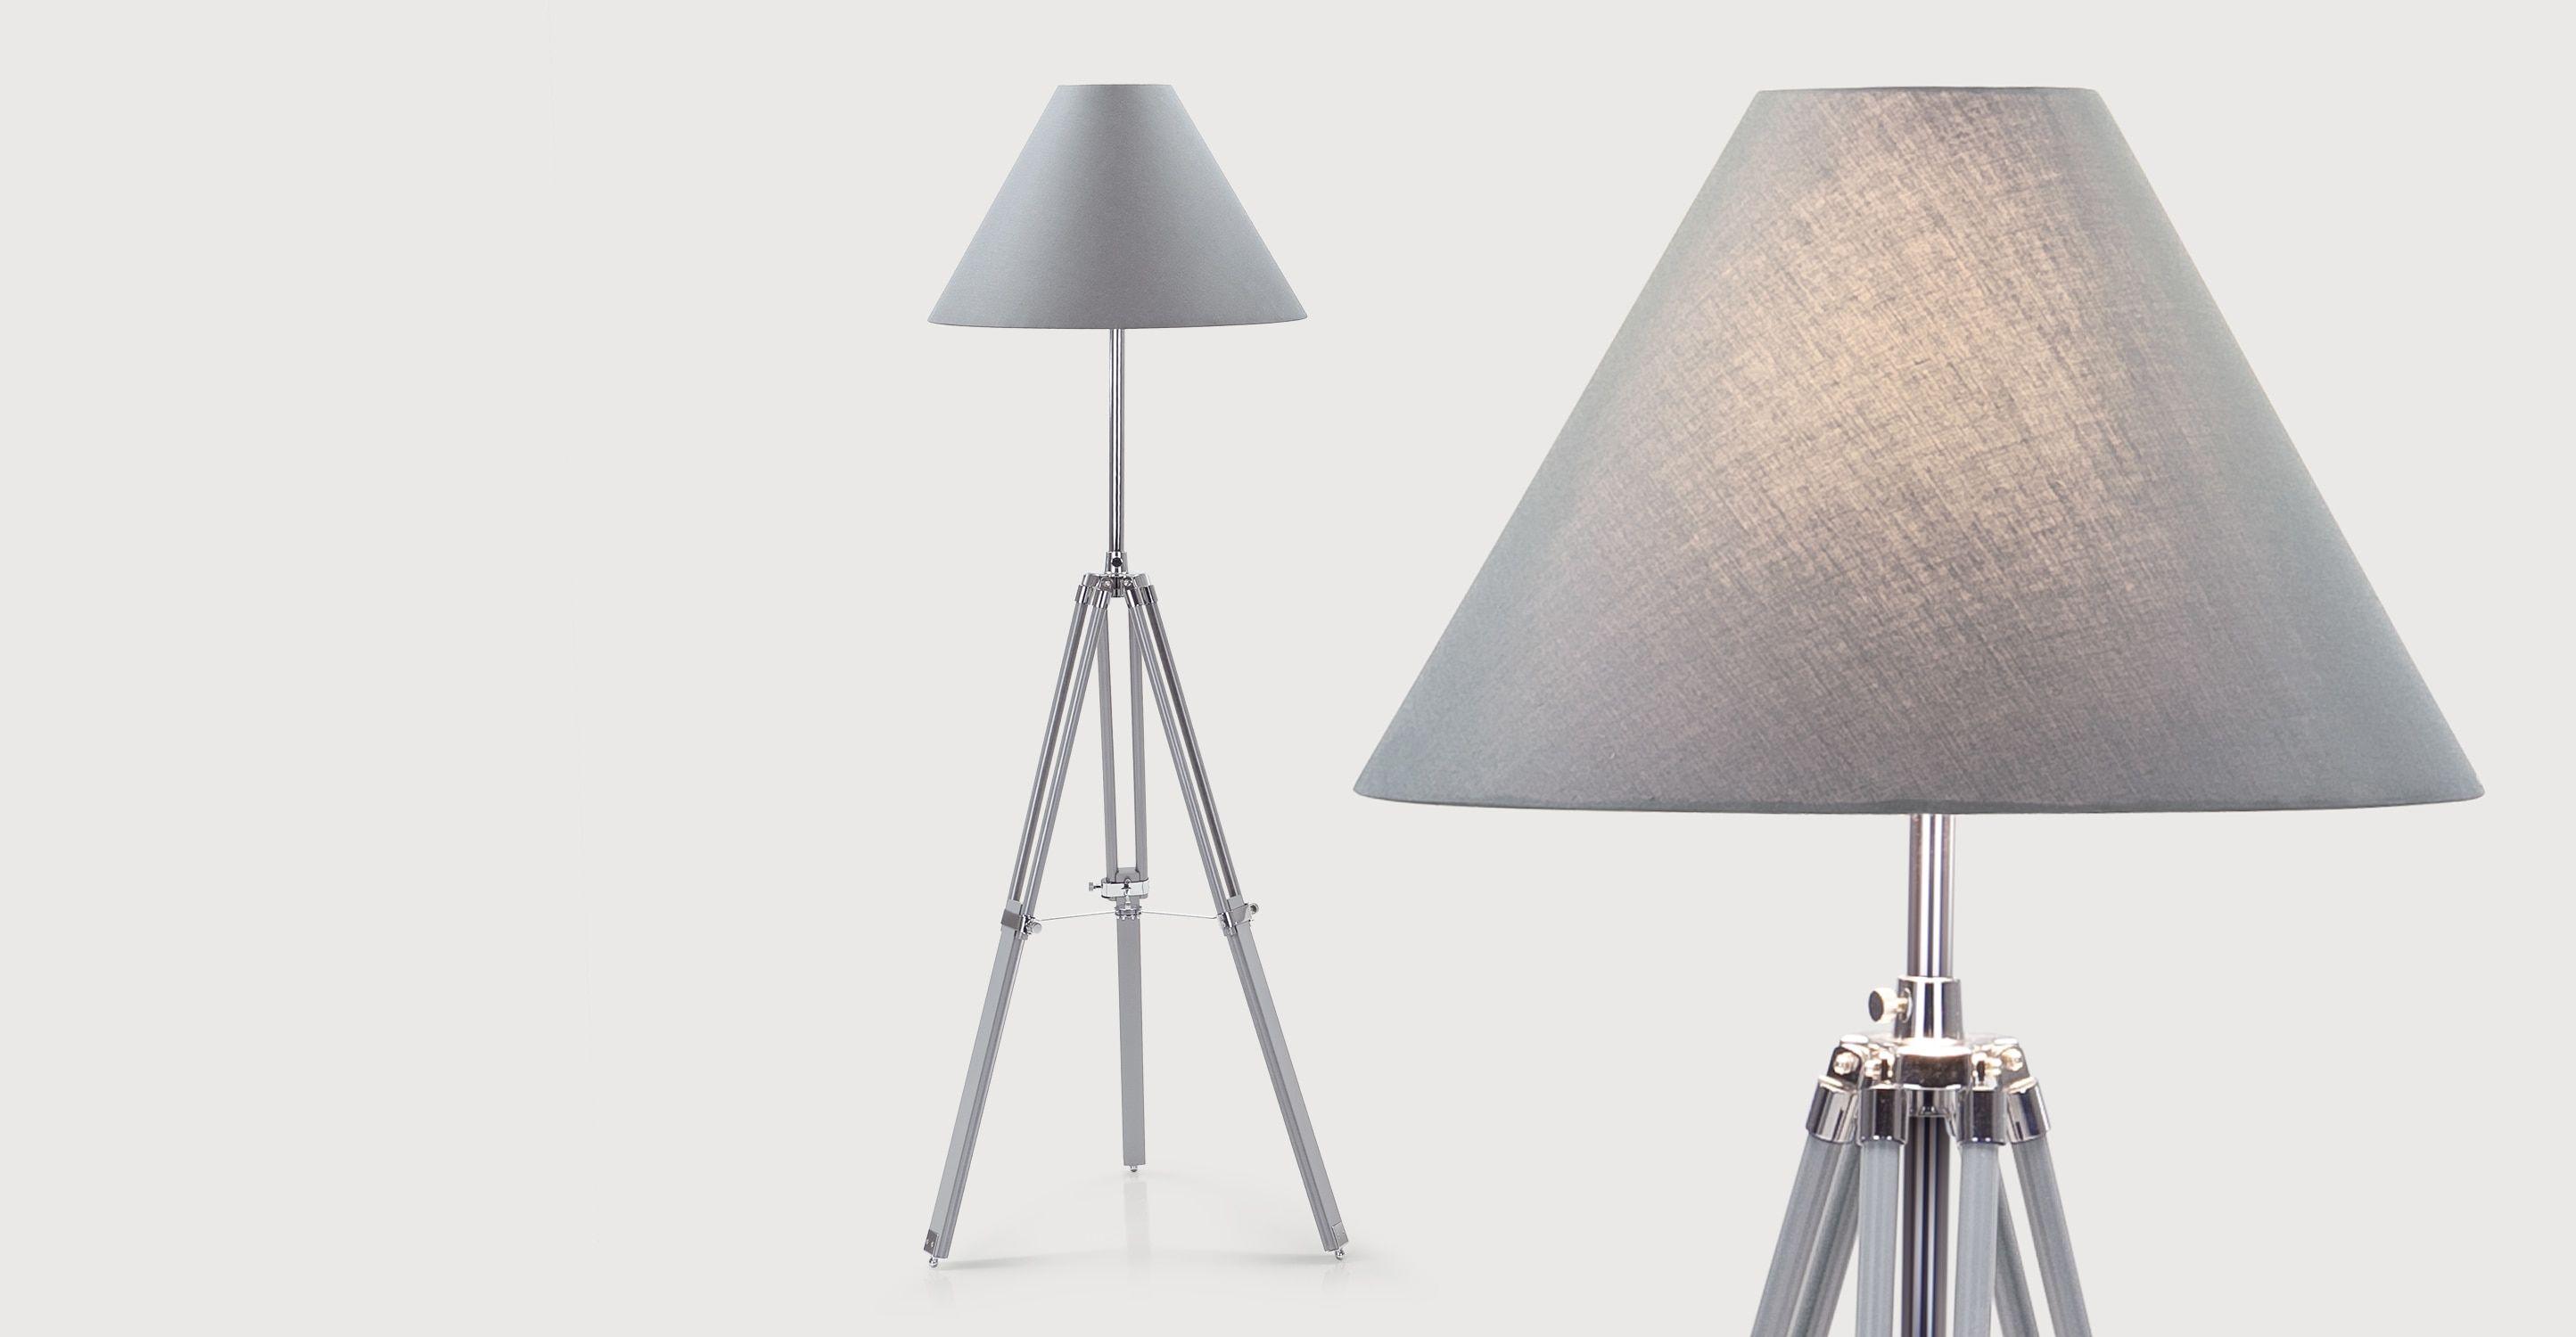 a92e640c46925fc735fdf3d81b06cb1c Faszinierend Stehlampe Studio Schwarz Gold Dekorationen